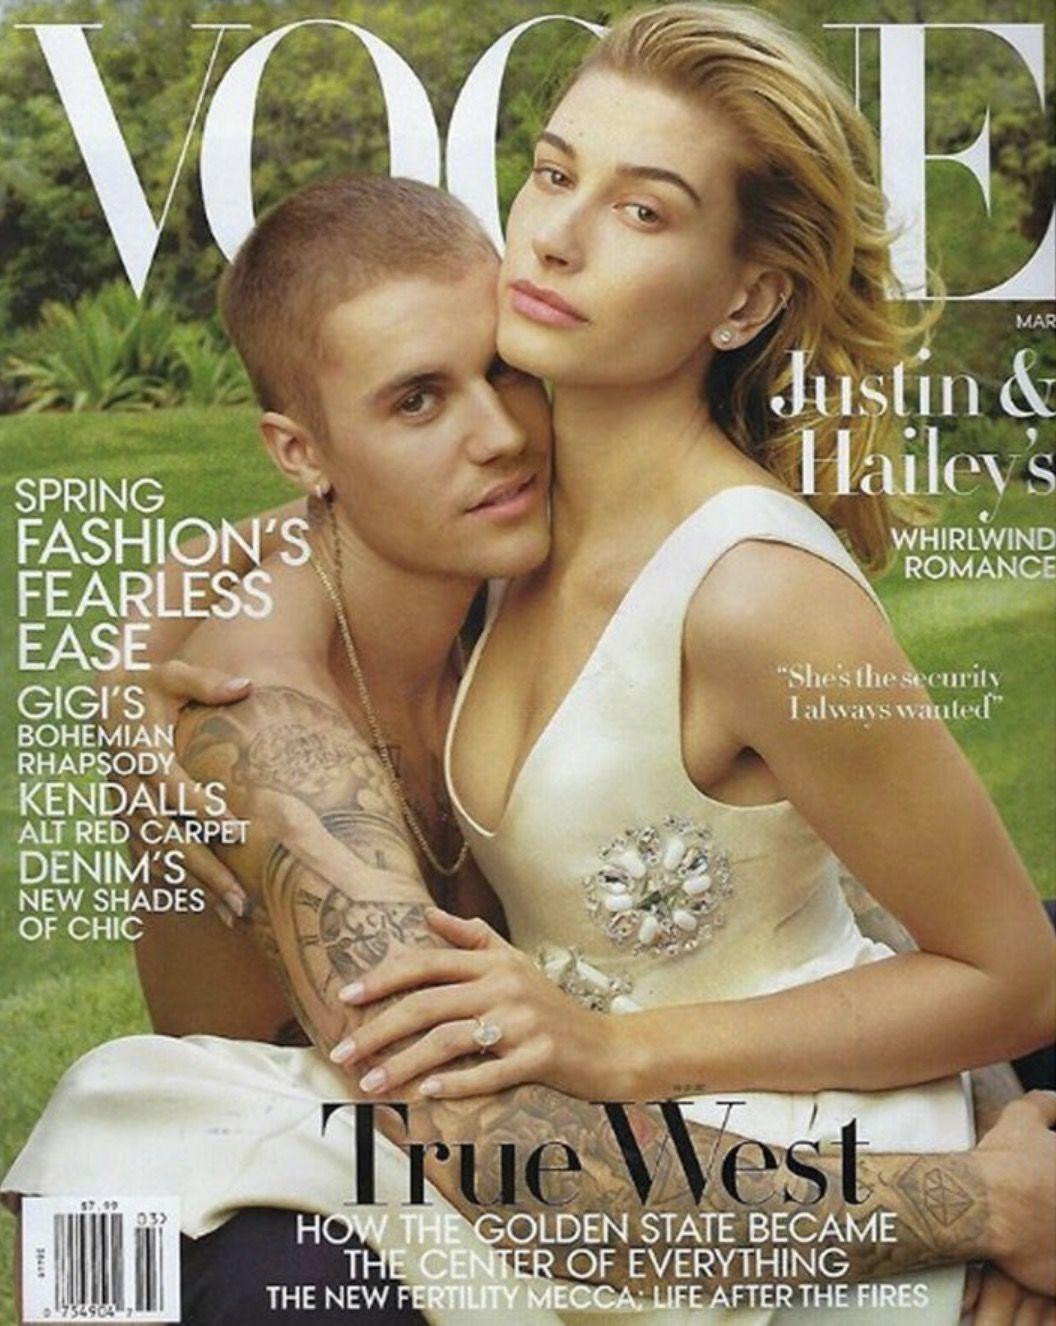 Zeigt Uns Hailey Bieber Hier Endlich Ihr Hochzeitskleid Hailey Baldwin Justin Hailey Vogue Magazin